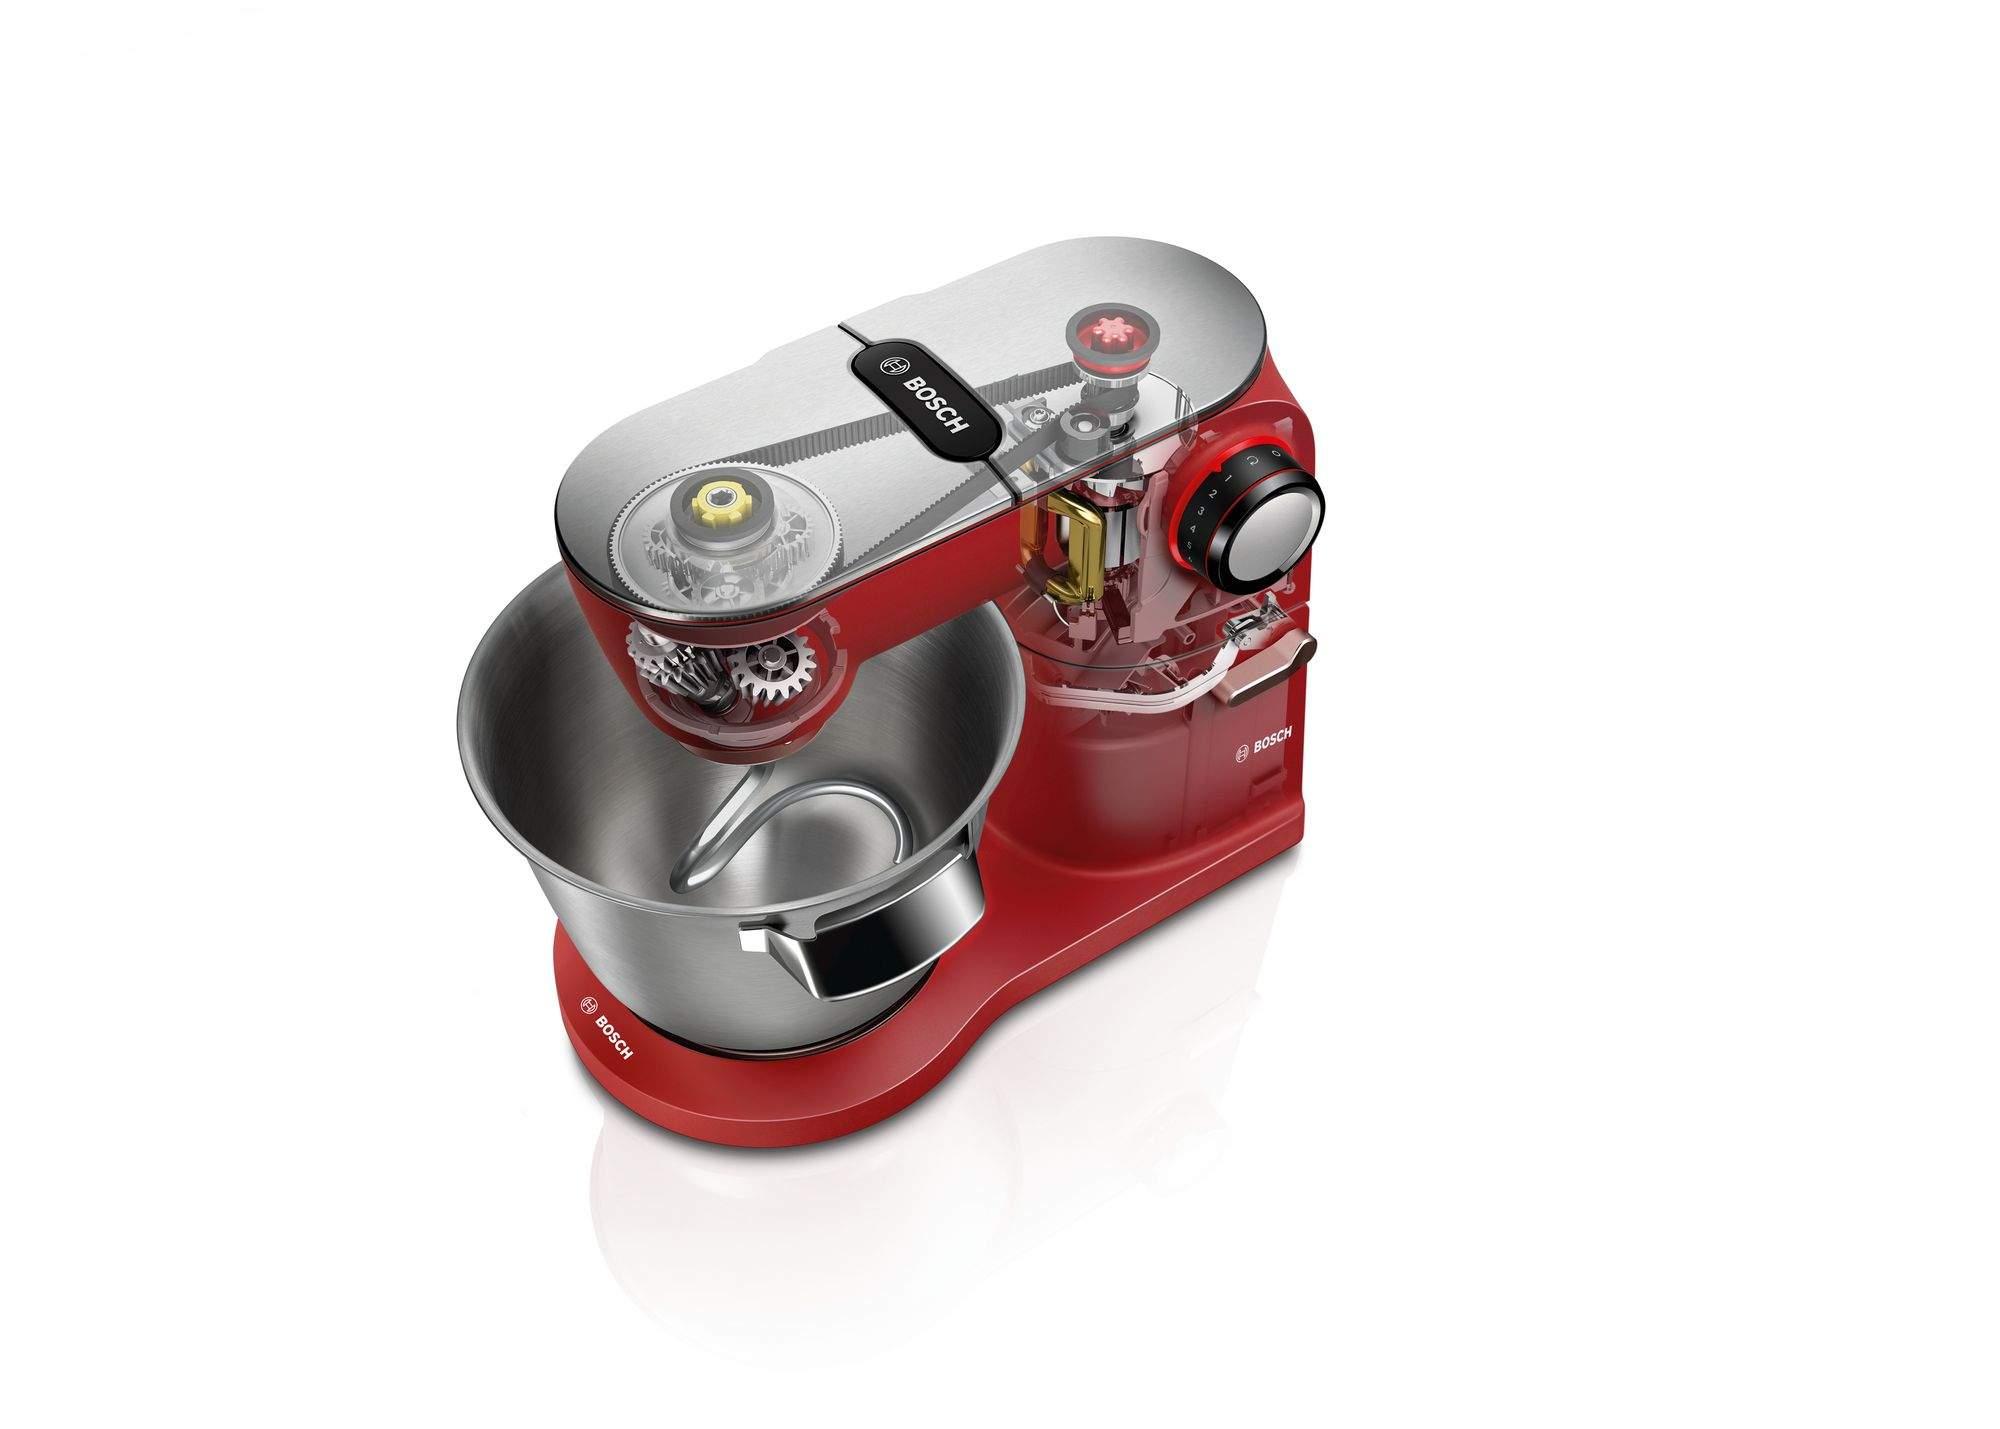 Bosch MUM9A66R00 Extragrosse Edelstahl Ruehrschuessel mit 5 5l Kapazitaet 2